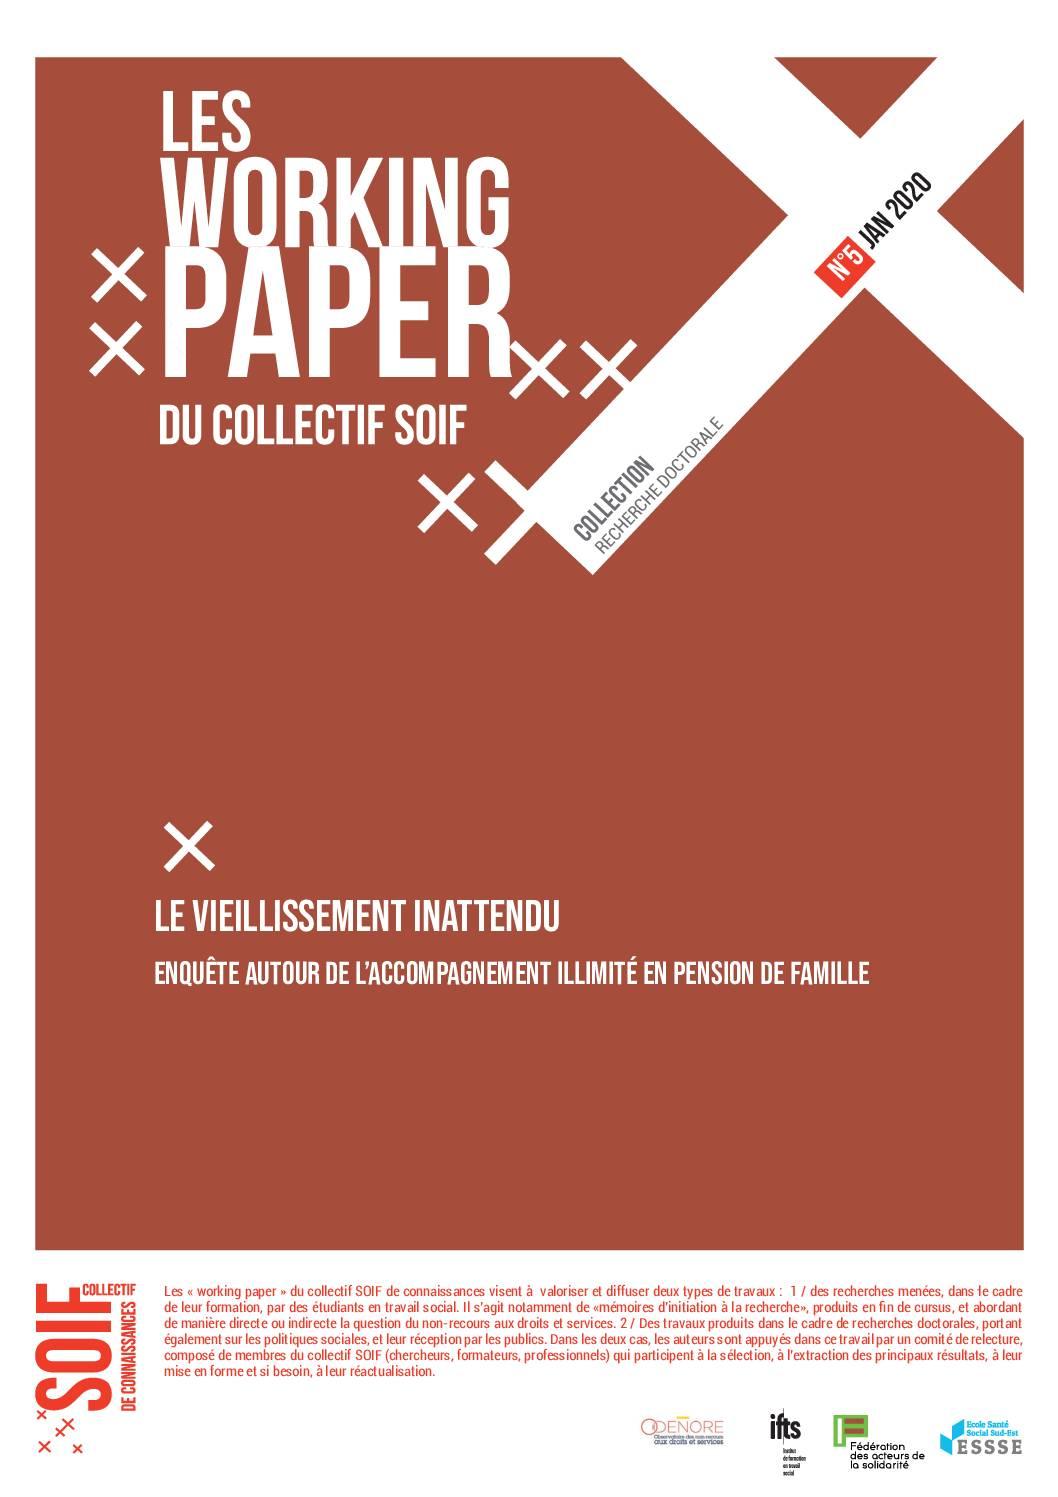 Working paper du Collectif Soif de connaissances